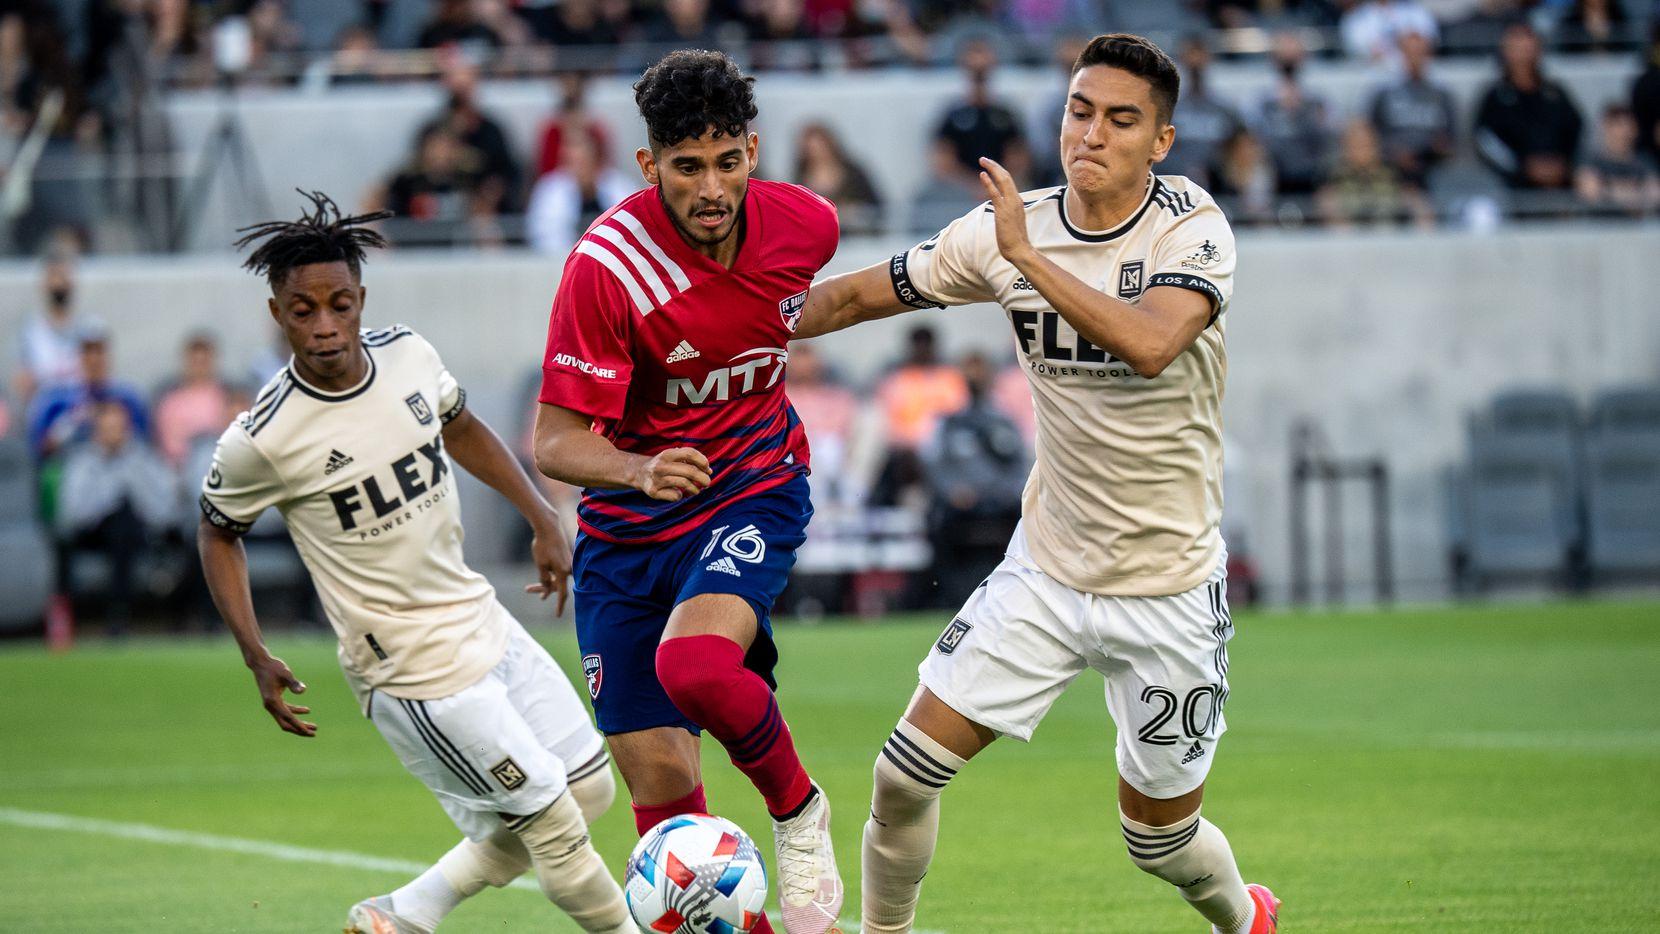 El delantero del FC Dallas, Ricardo Pepi, pasa por en medio de dos jugadores del LAFC en el partido del 23 de junio en Los Ángeles,